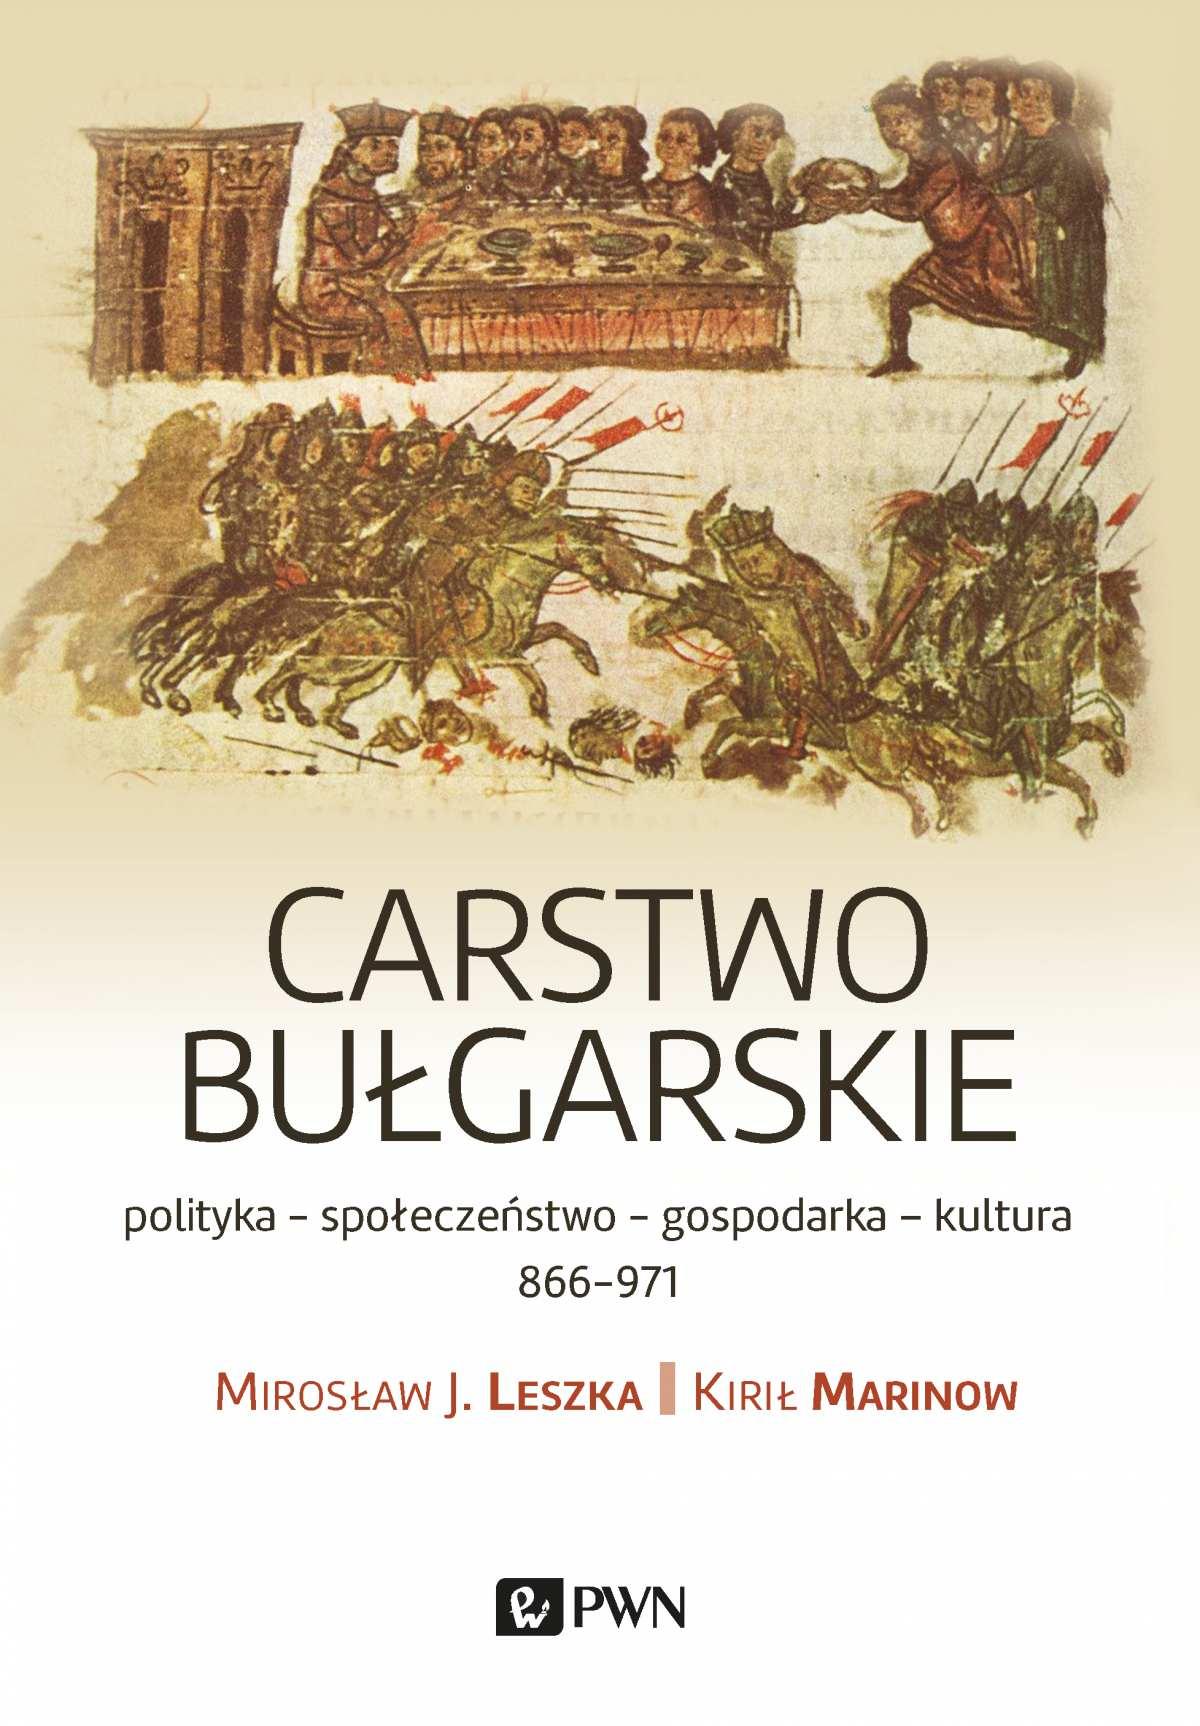 Carstwo bułgarskie - Ebook (Książka na Kindle) do pobrania w formacie MOBI